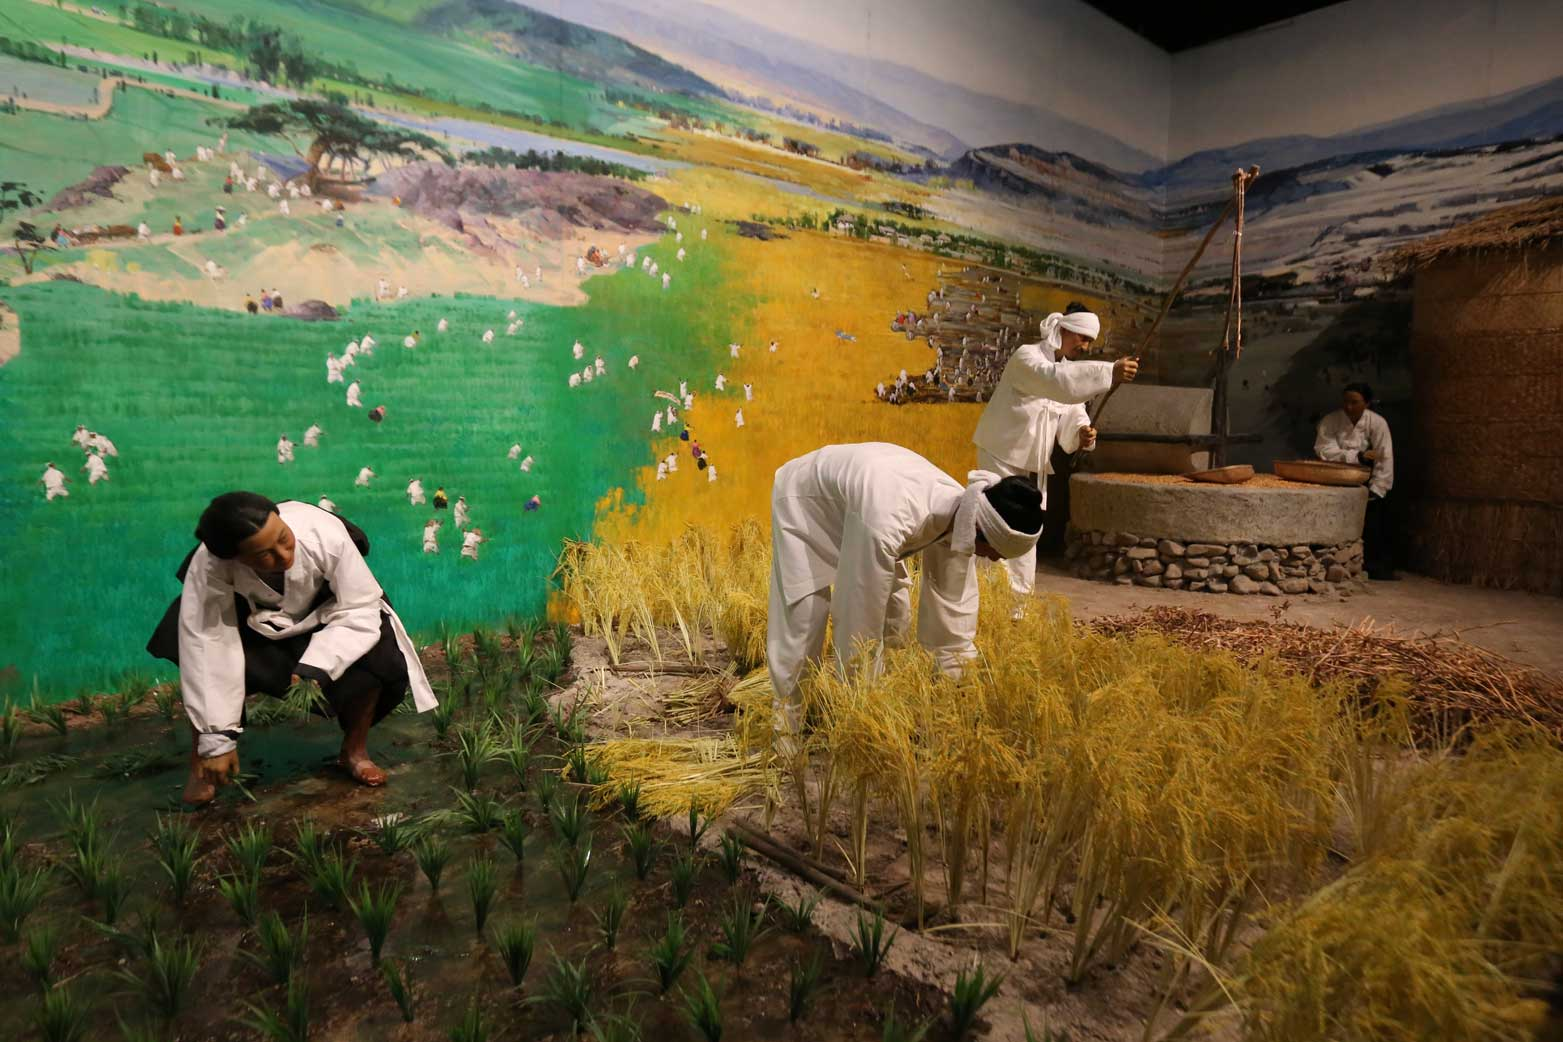 延辺朝鮮族自治州60周年にできた延辺博物館と朝鮮族の冷めた関係_b0235153_11245746.jpg